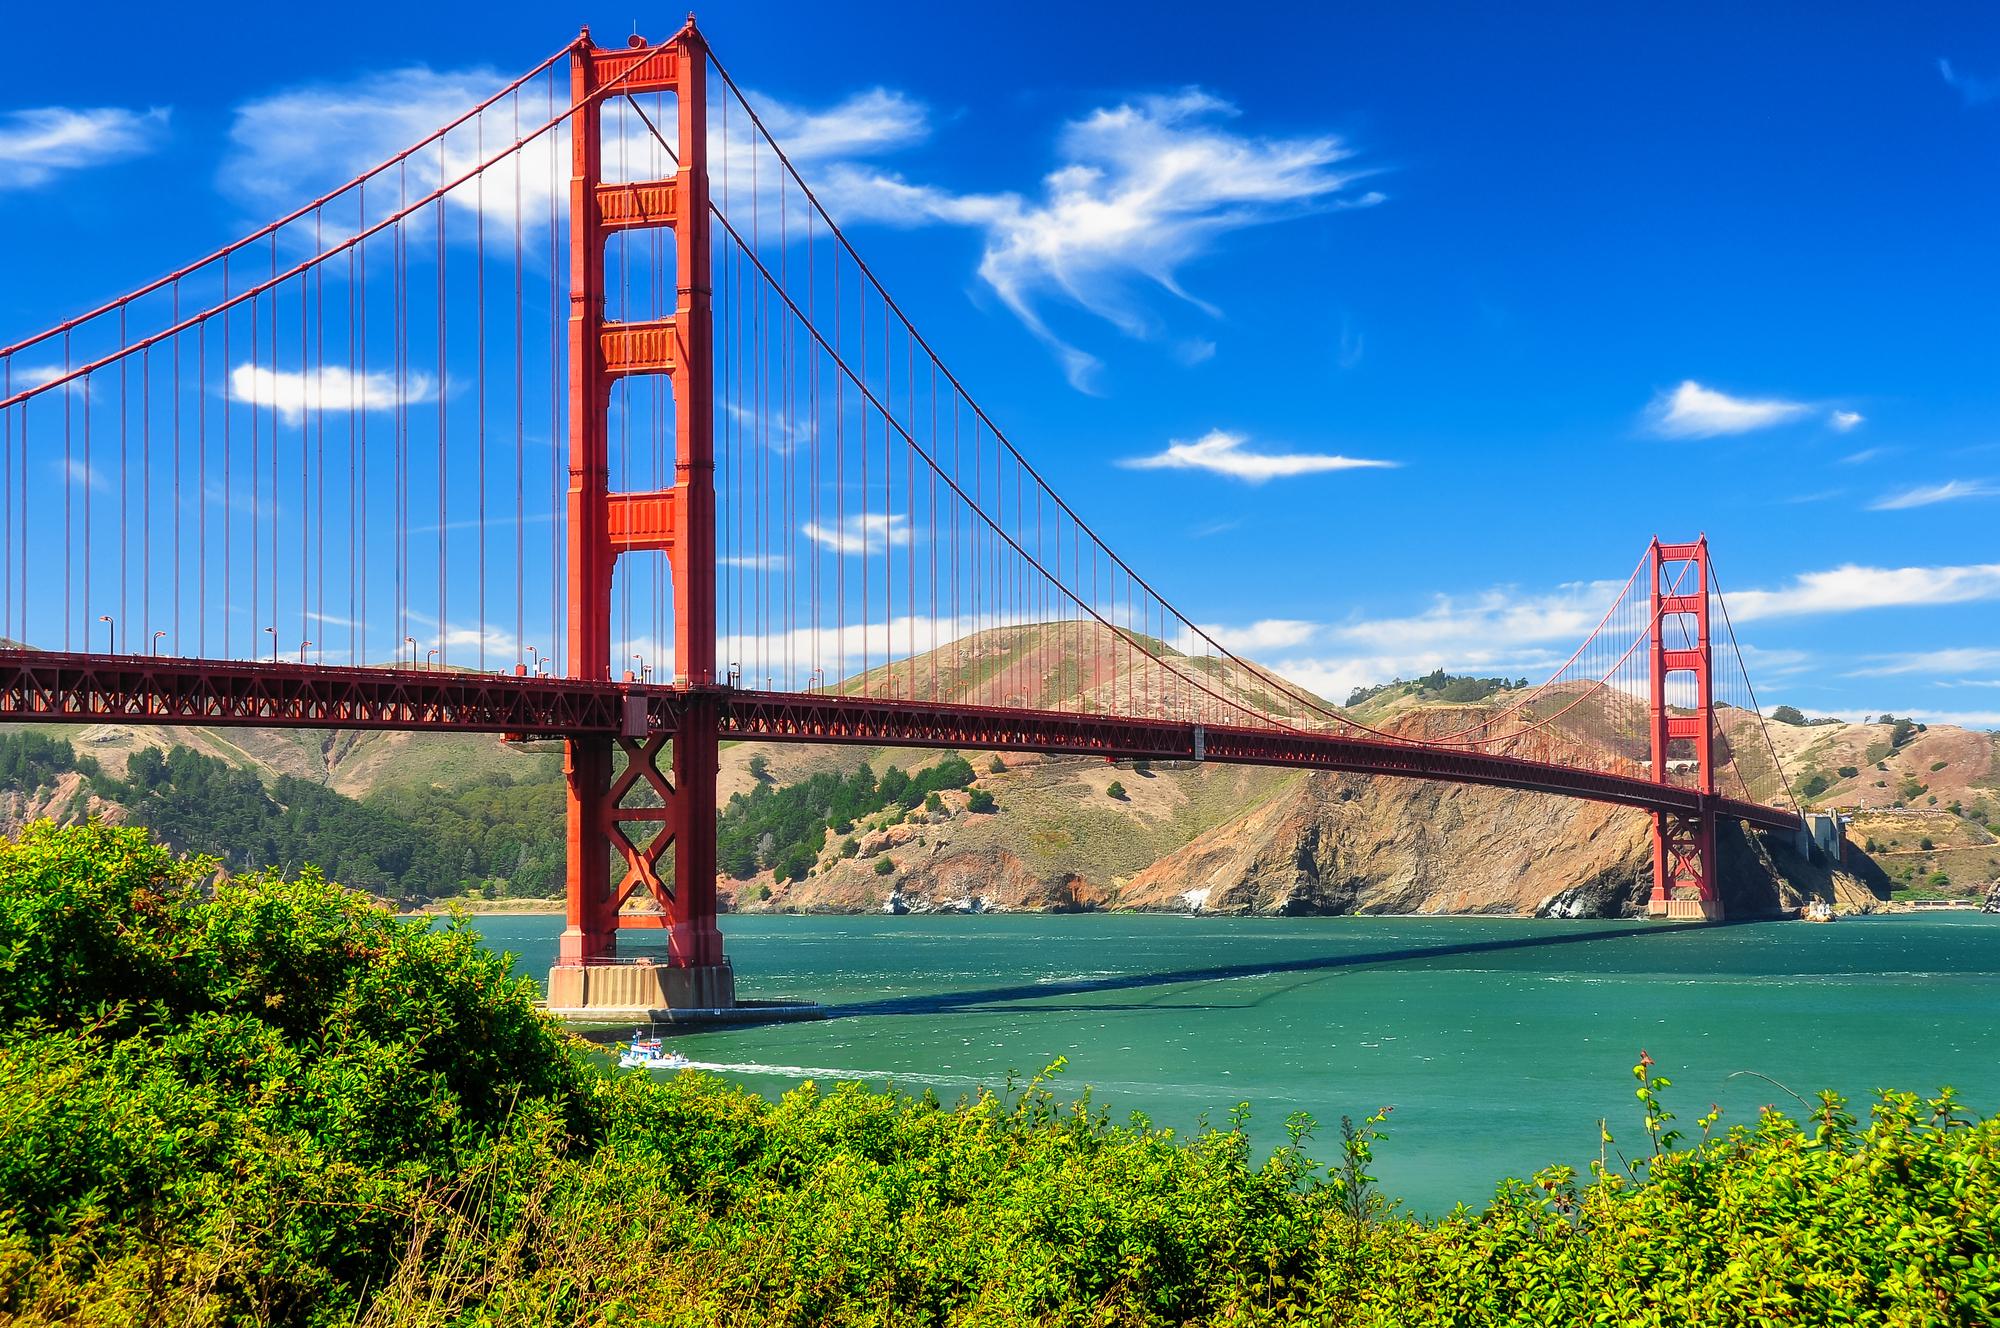 San Francisco Golden Gate Bridge in California